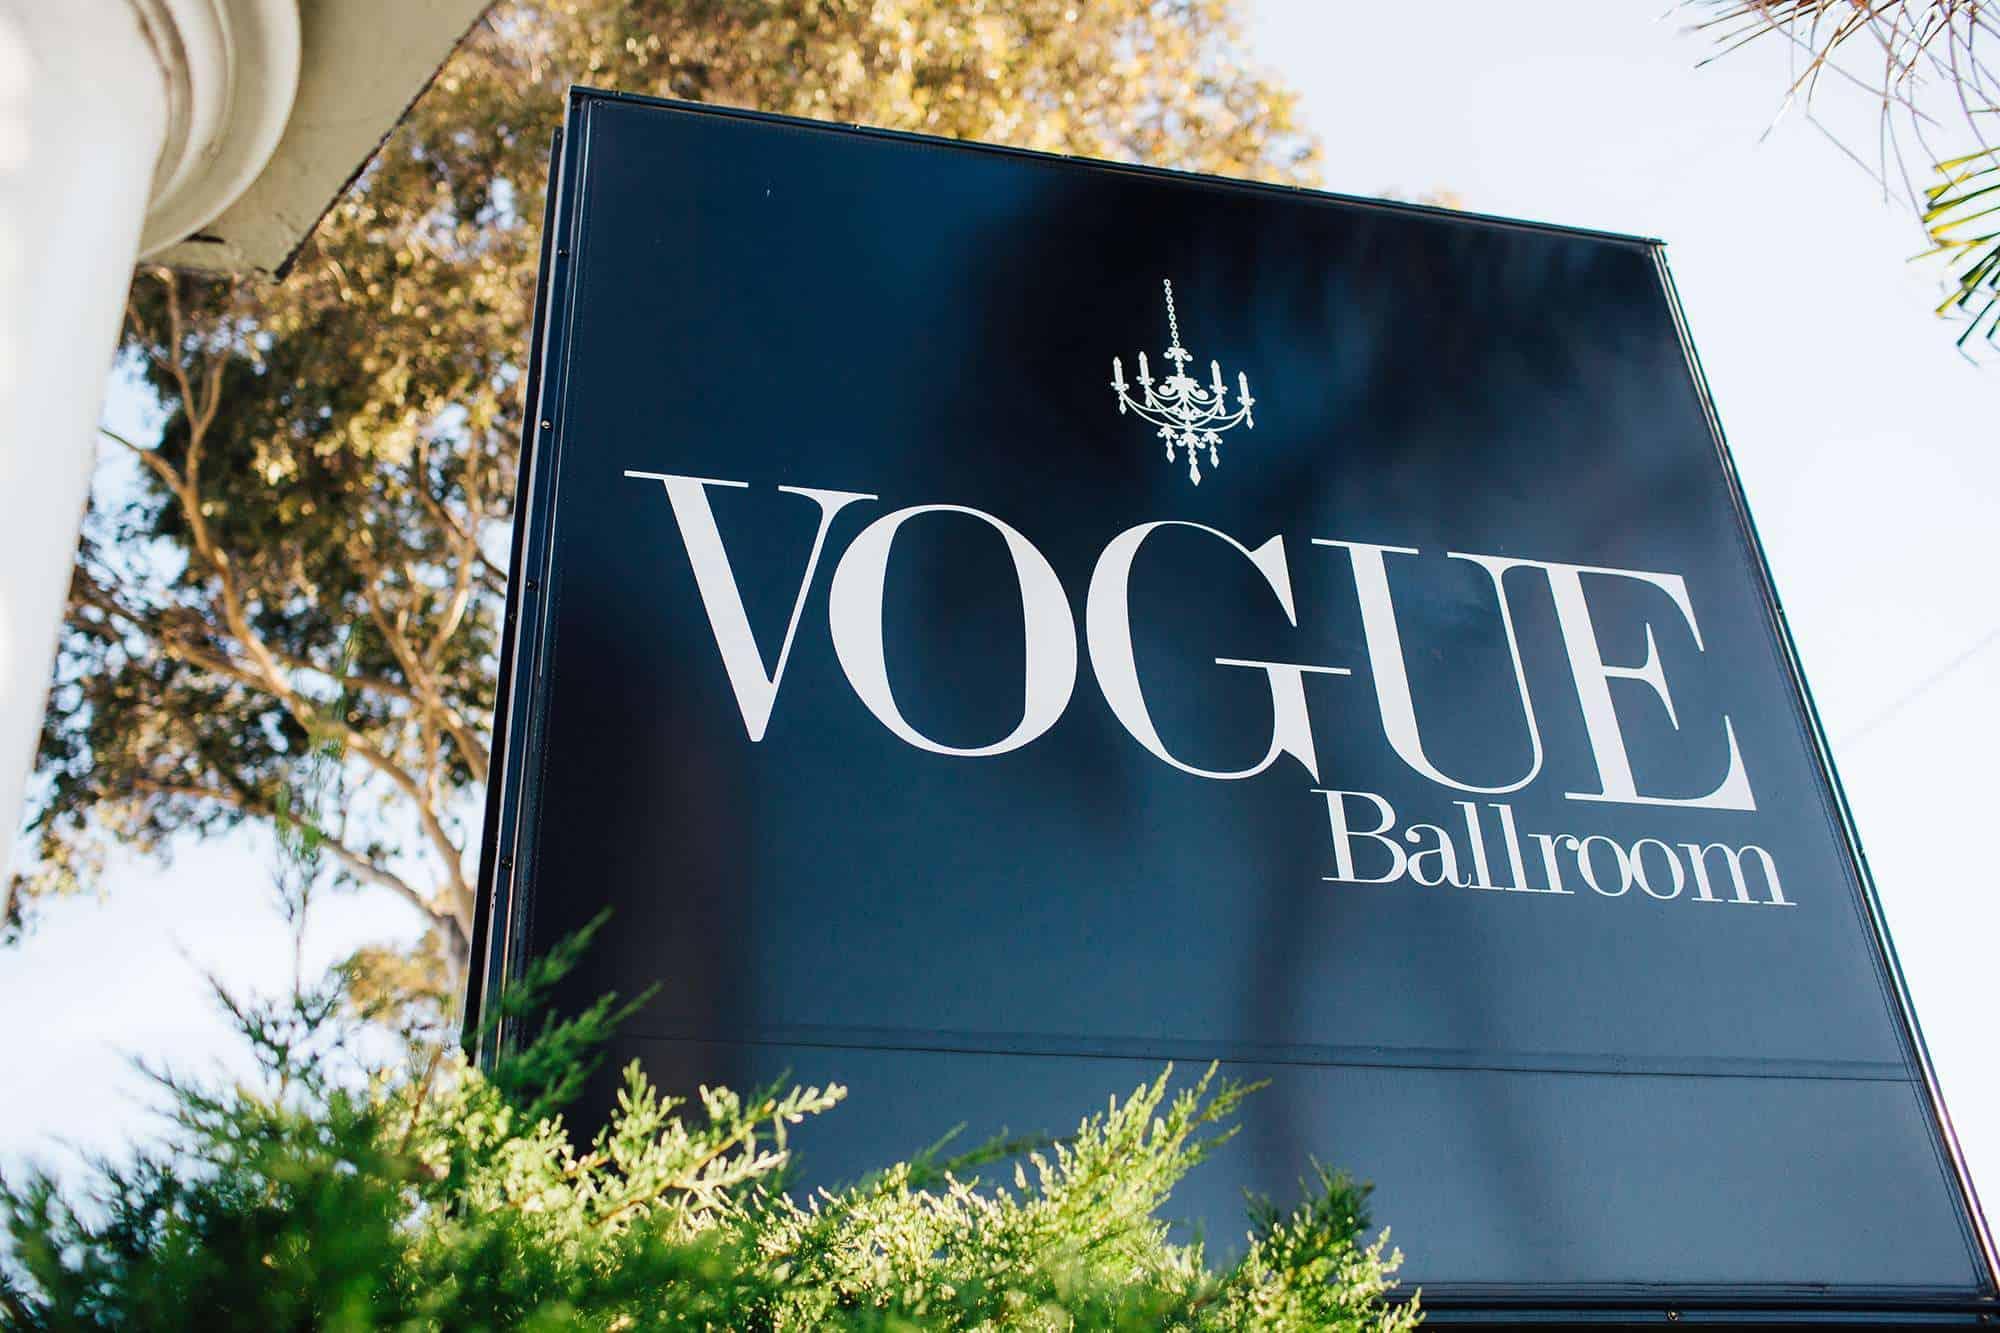 signage outside vogue ballroom wedding venue in melbourne